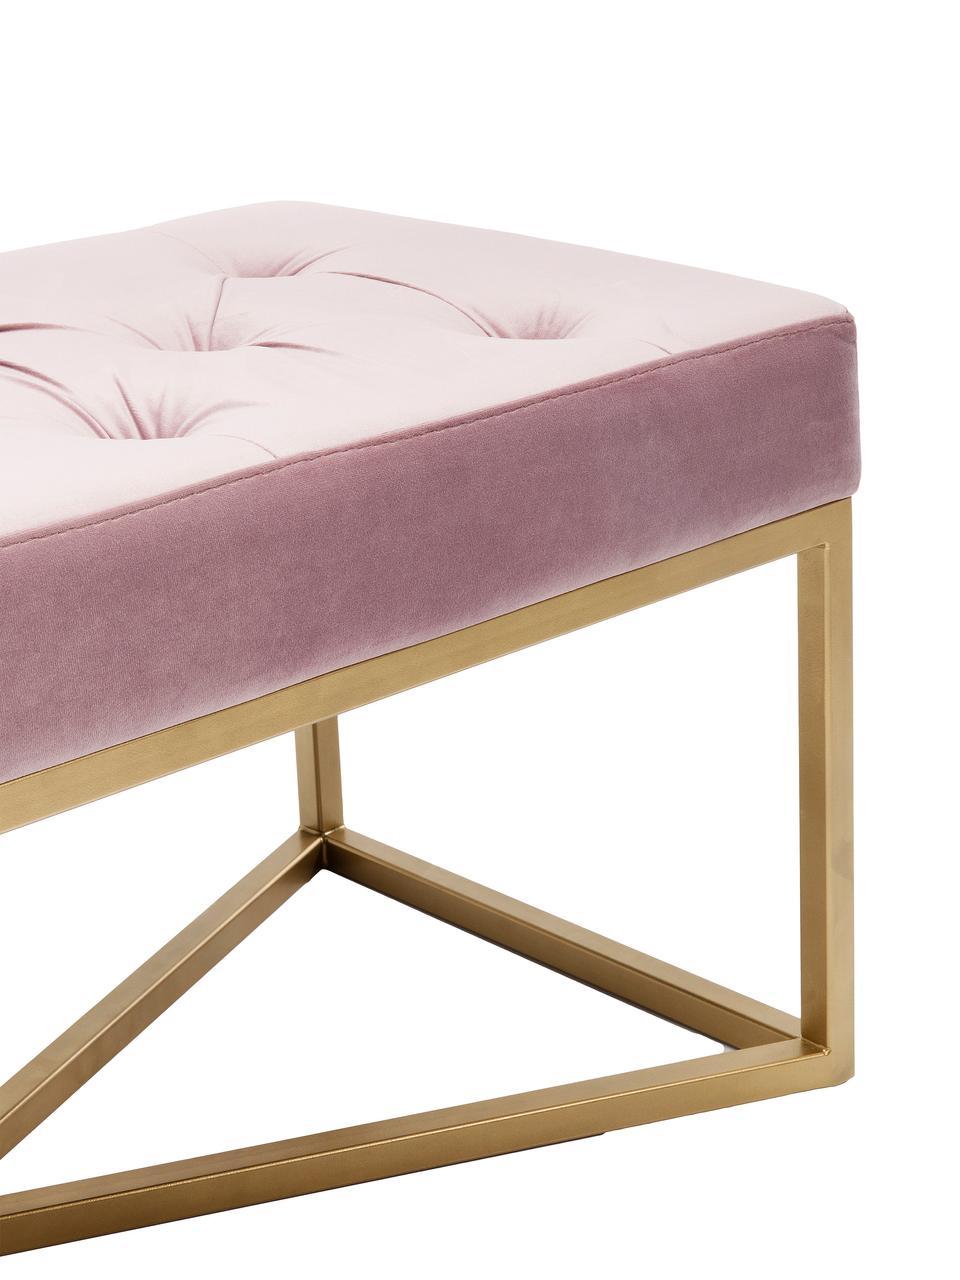 Fluwelen bank Crossover in roze, Bekleding: polyester fluweel, Frame: gelakt metaal, Roze, messingkleurig, B 90 cm